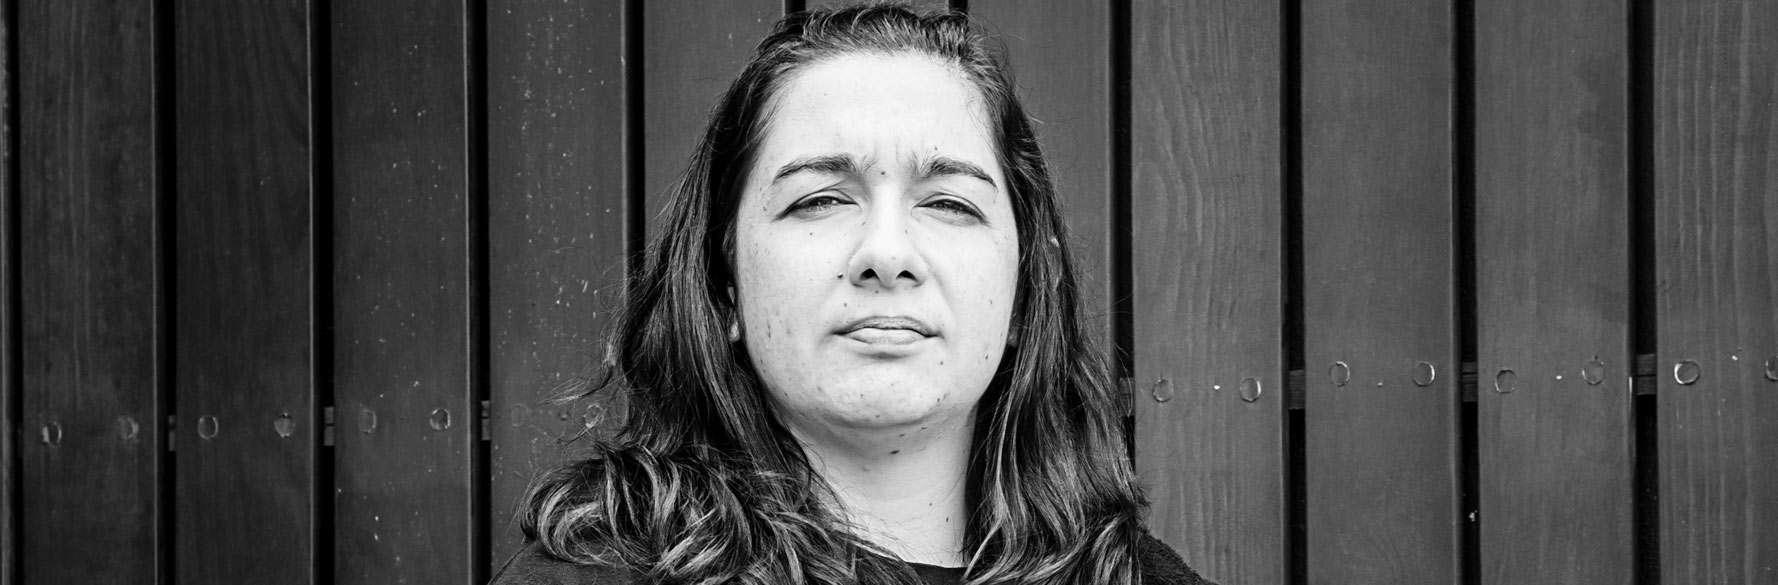 Temporada de huracanes Fernanda Melchor escritora mexicana portada